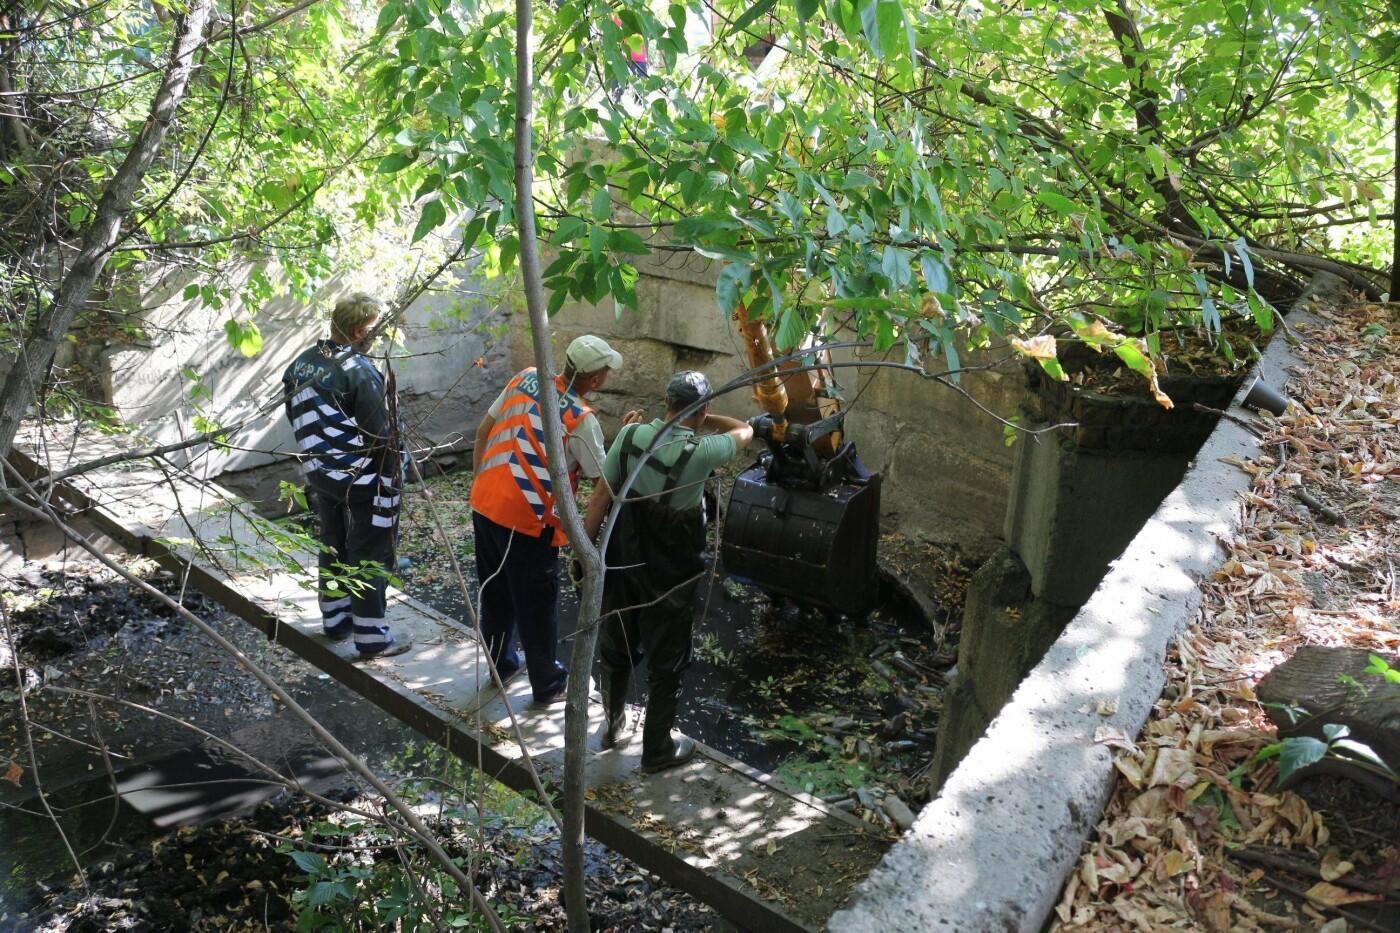 Достают даже мебель: в Днепре очищают реку Гнилокиш от мусора, - ФОТО, фото-2